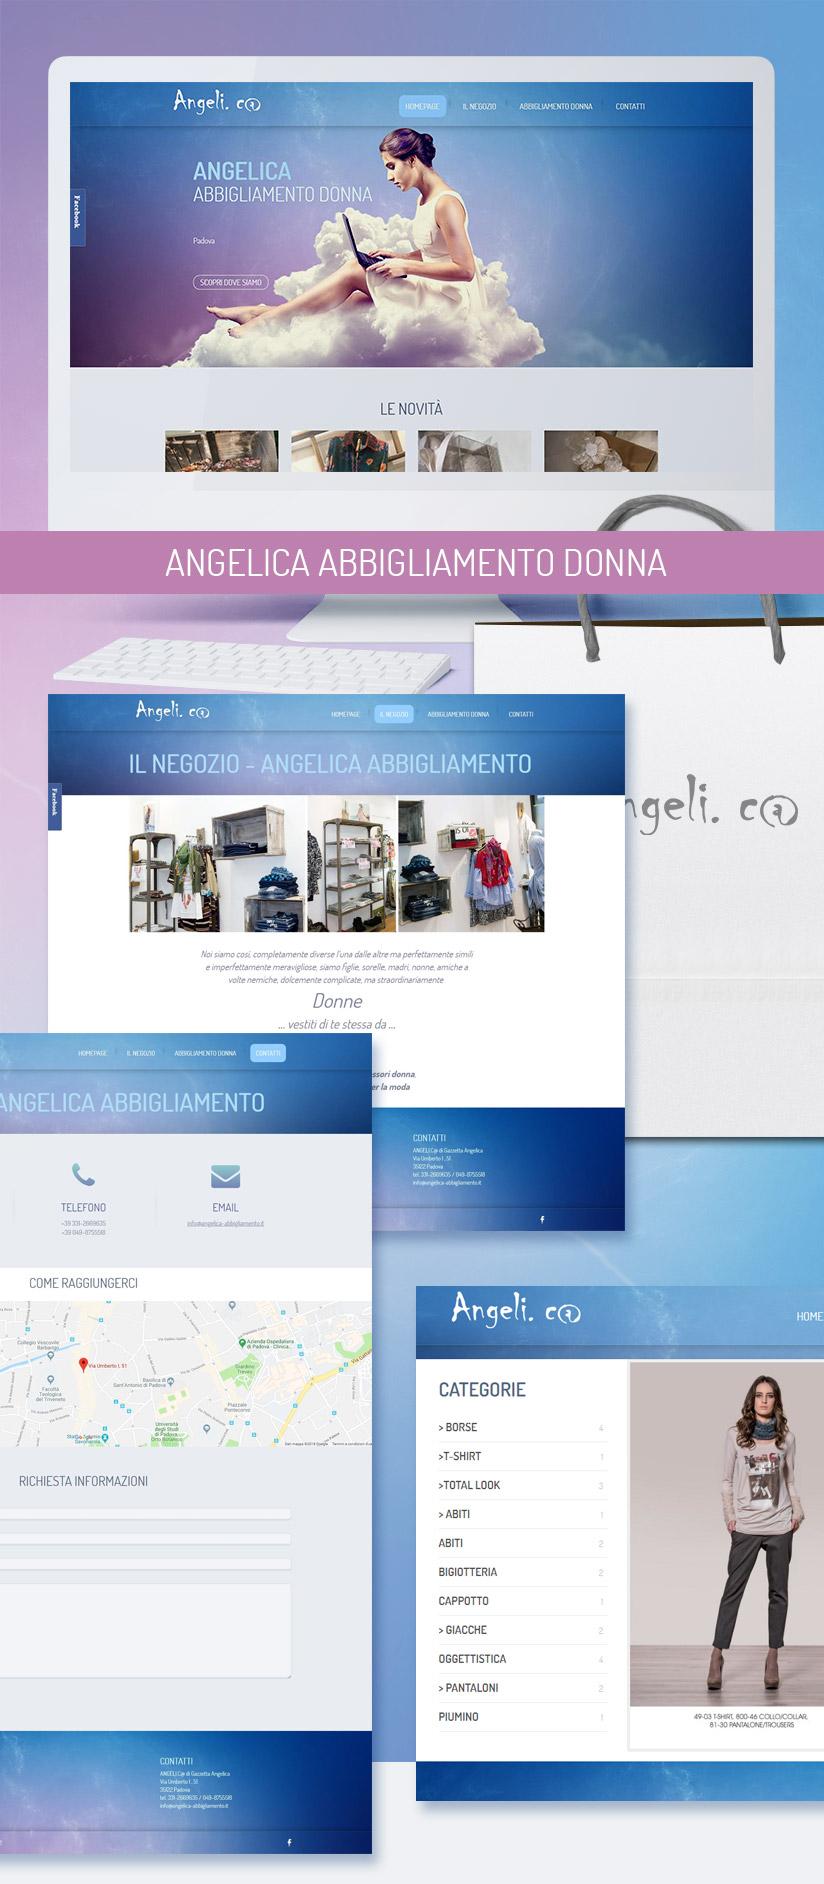 angelica-abbigliamento_01.jpg